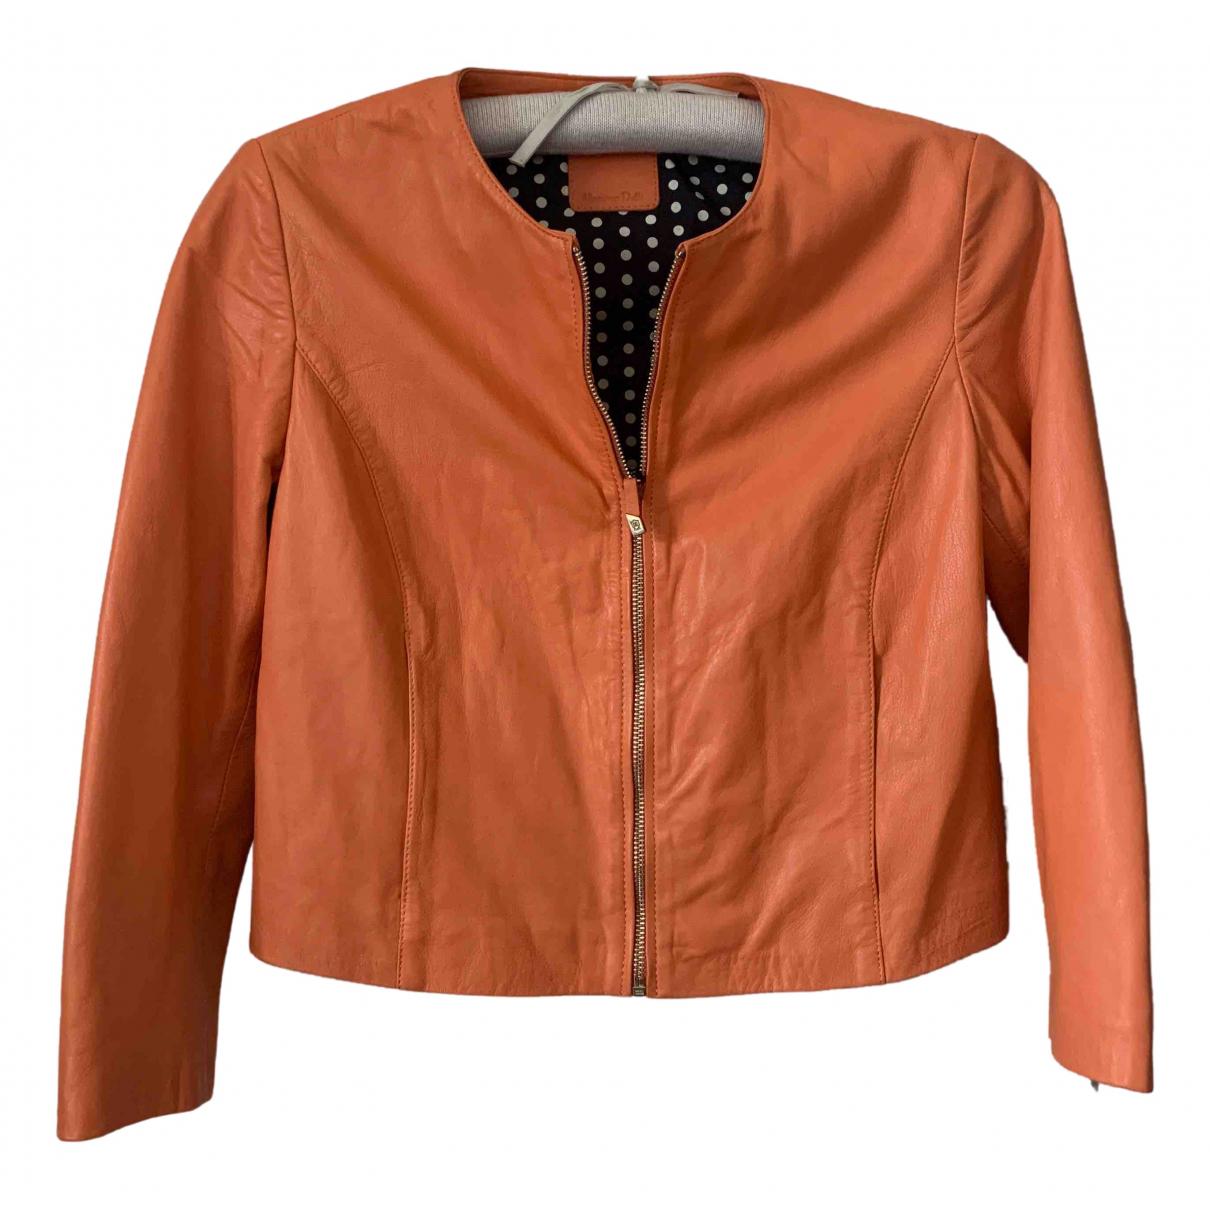 Massimo Dutti - Veste   pour femme en cuir - orange